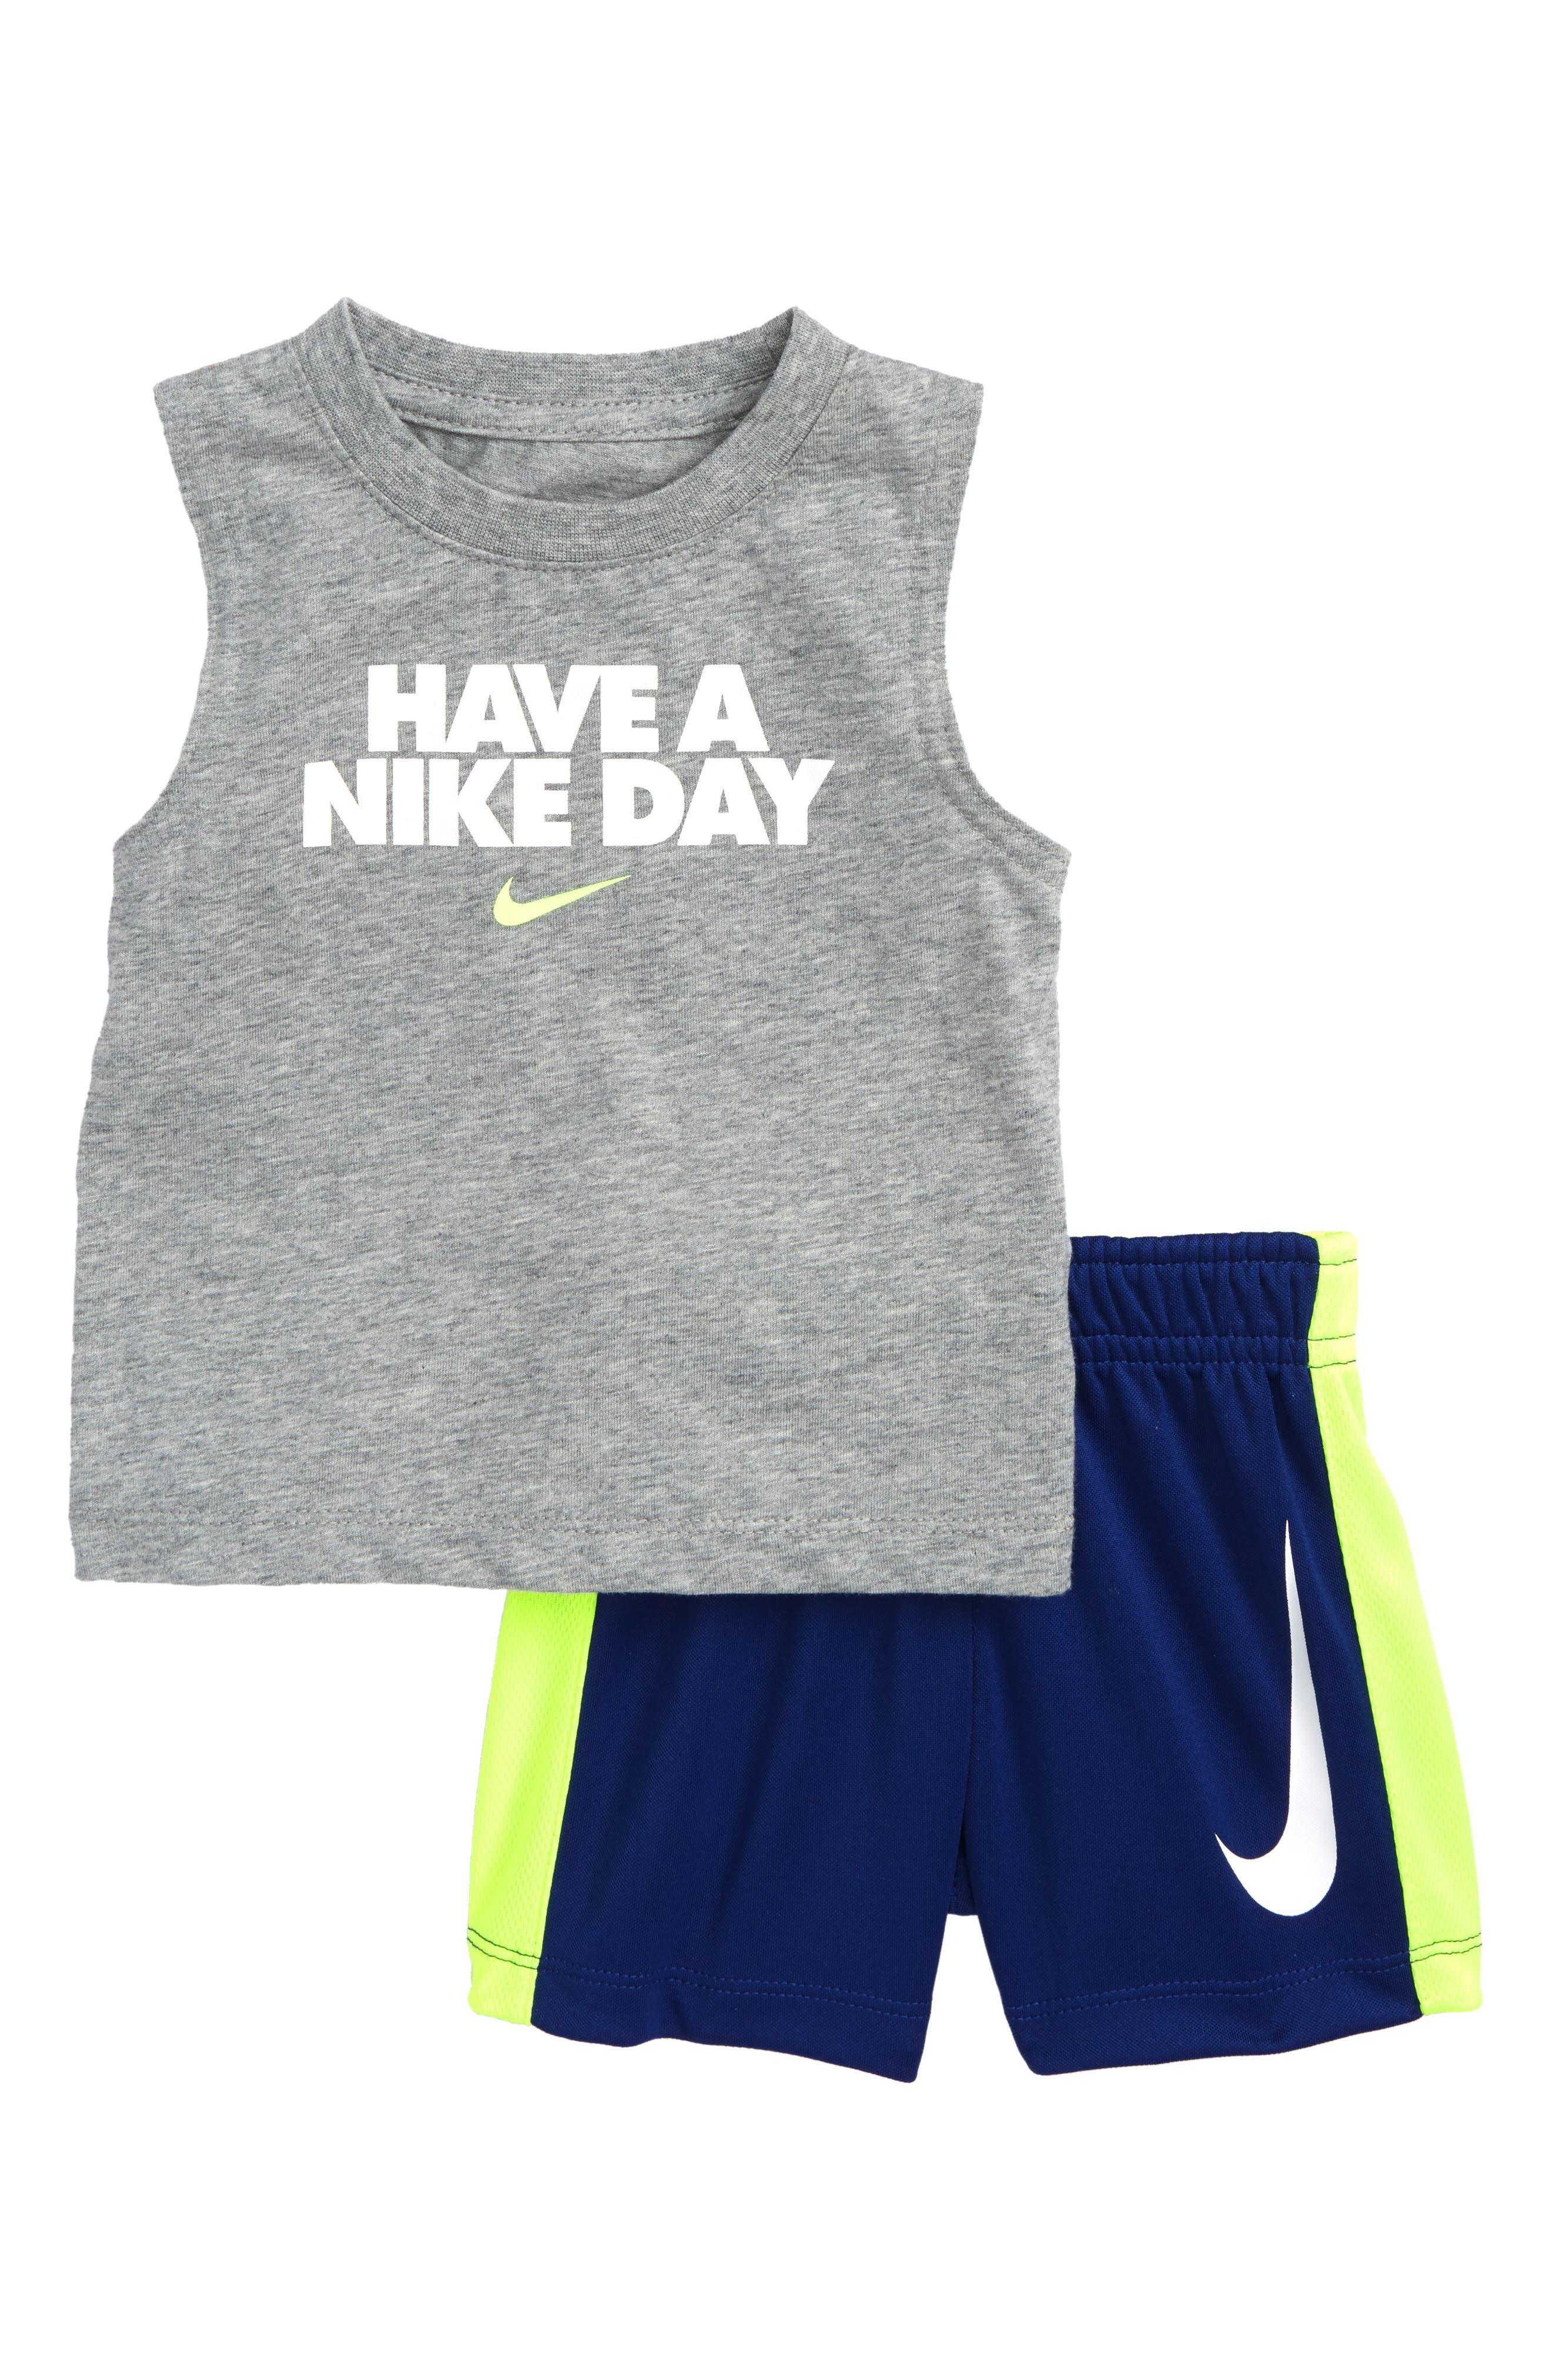 Have a Nike Day Tank Top & Shorts Set,                             Main thumbnail 1, color,                             433